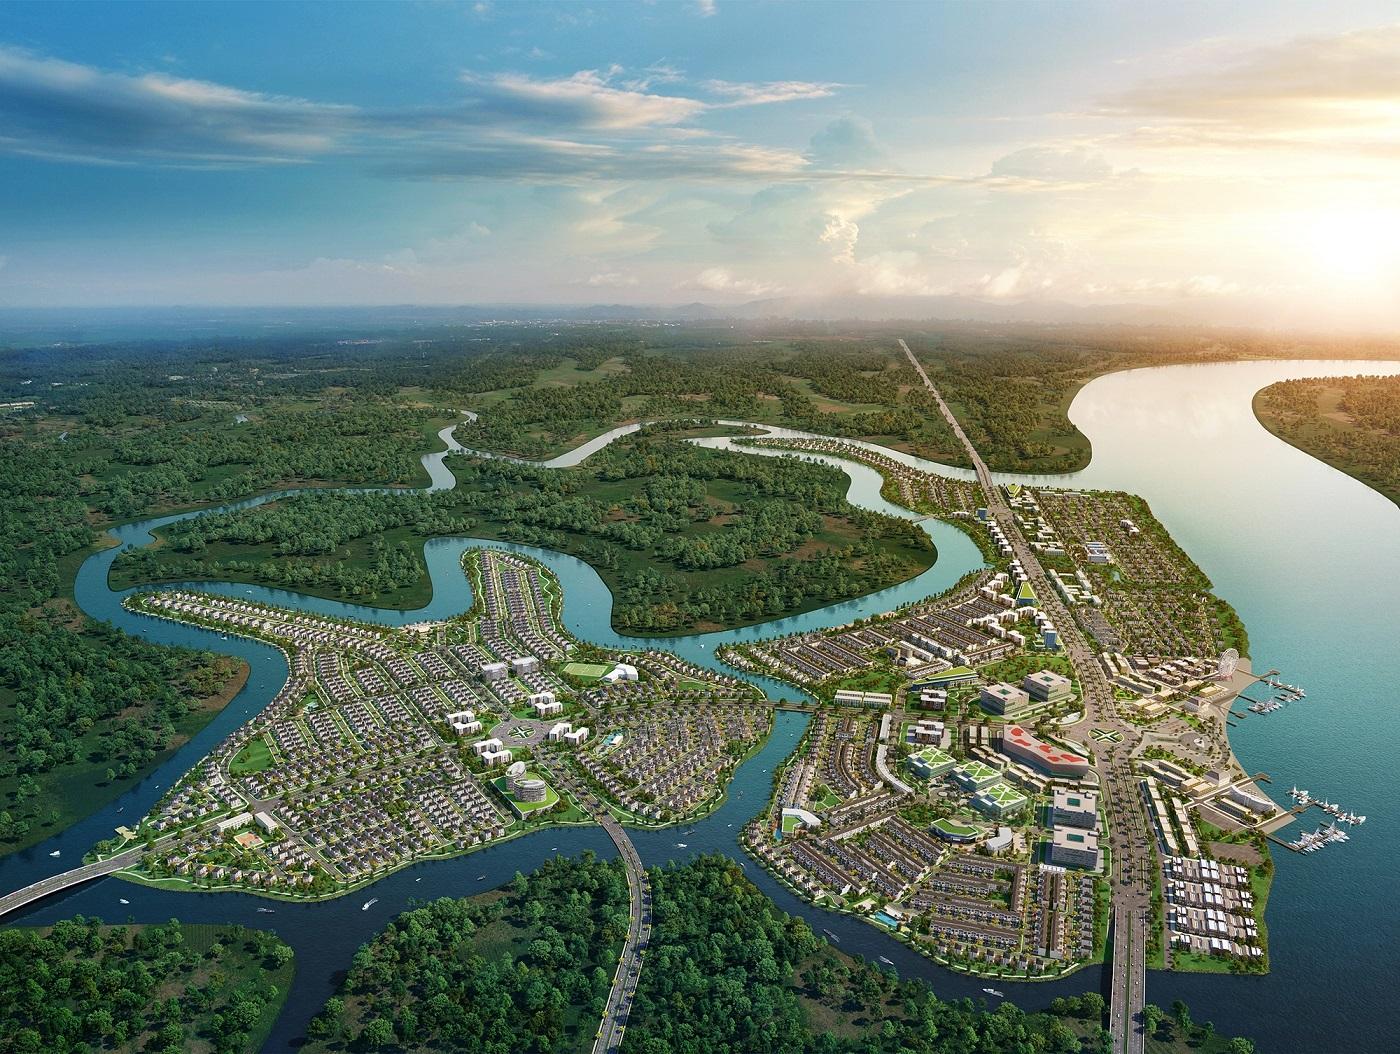 Aqua City ứng dụng năng lượng mặt trời kiến tạo đô thị sinh thái bền vững